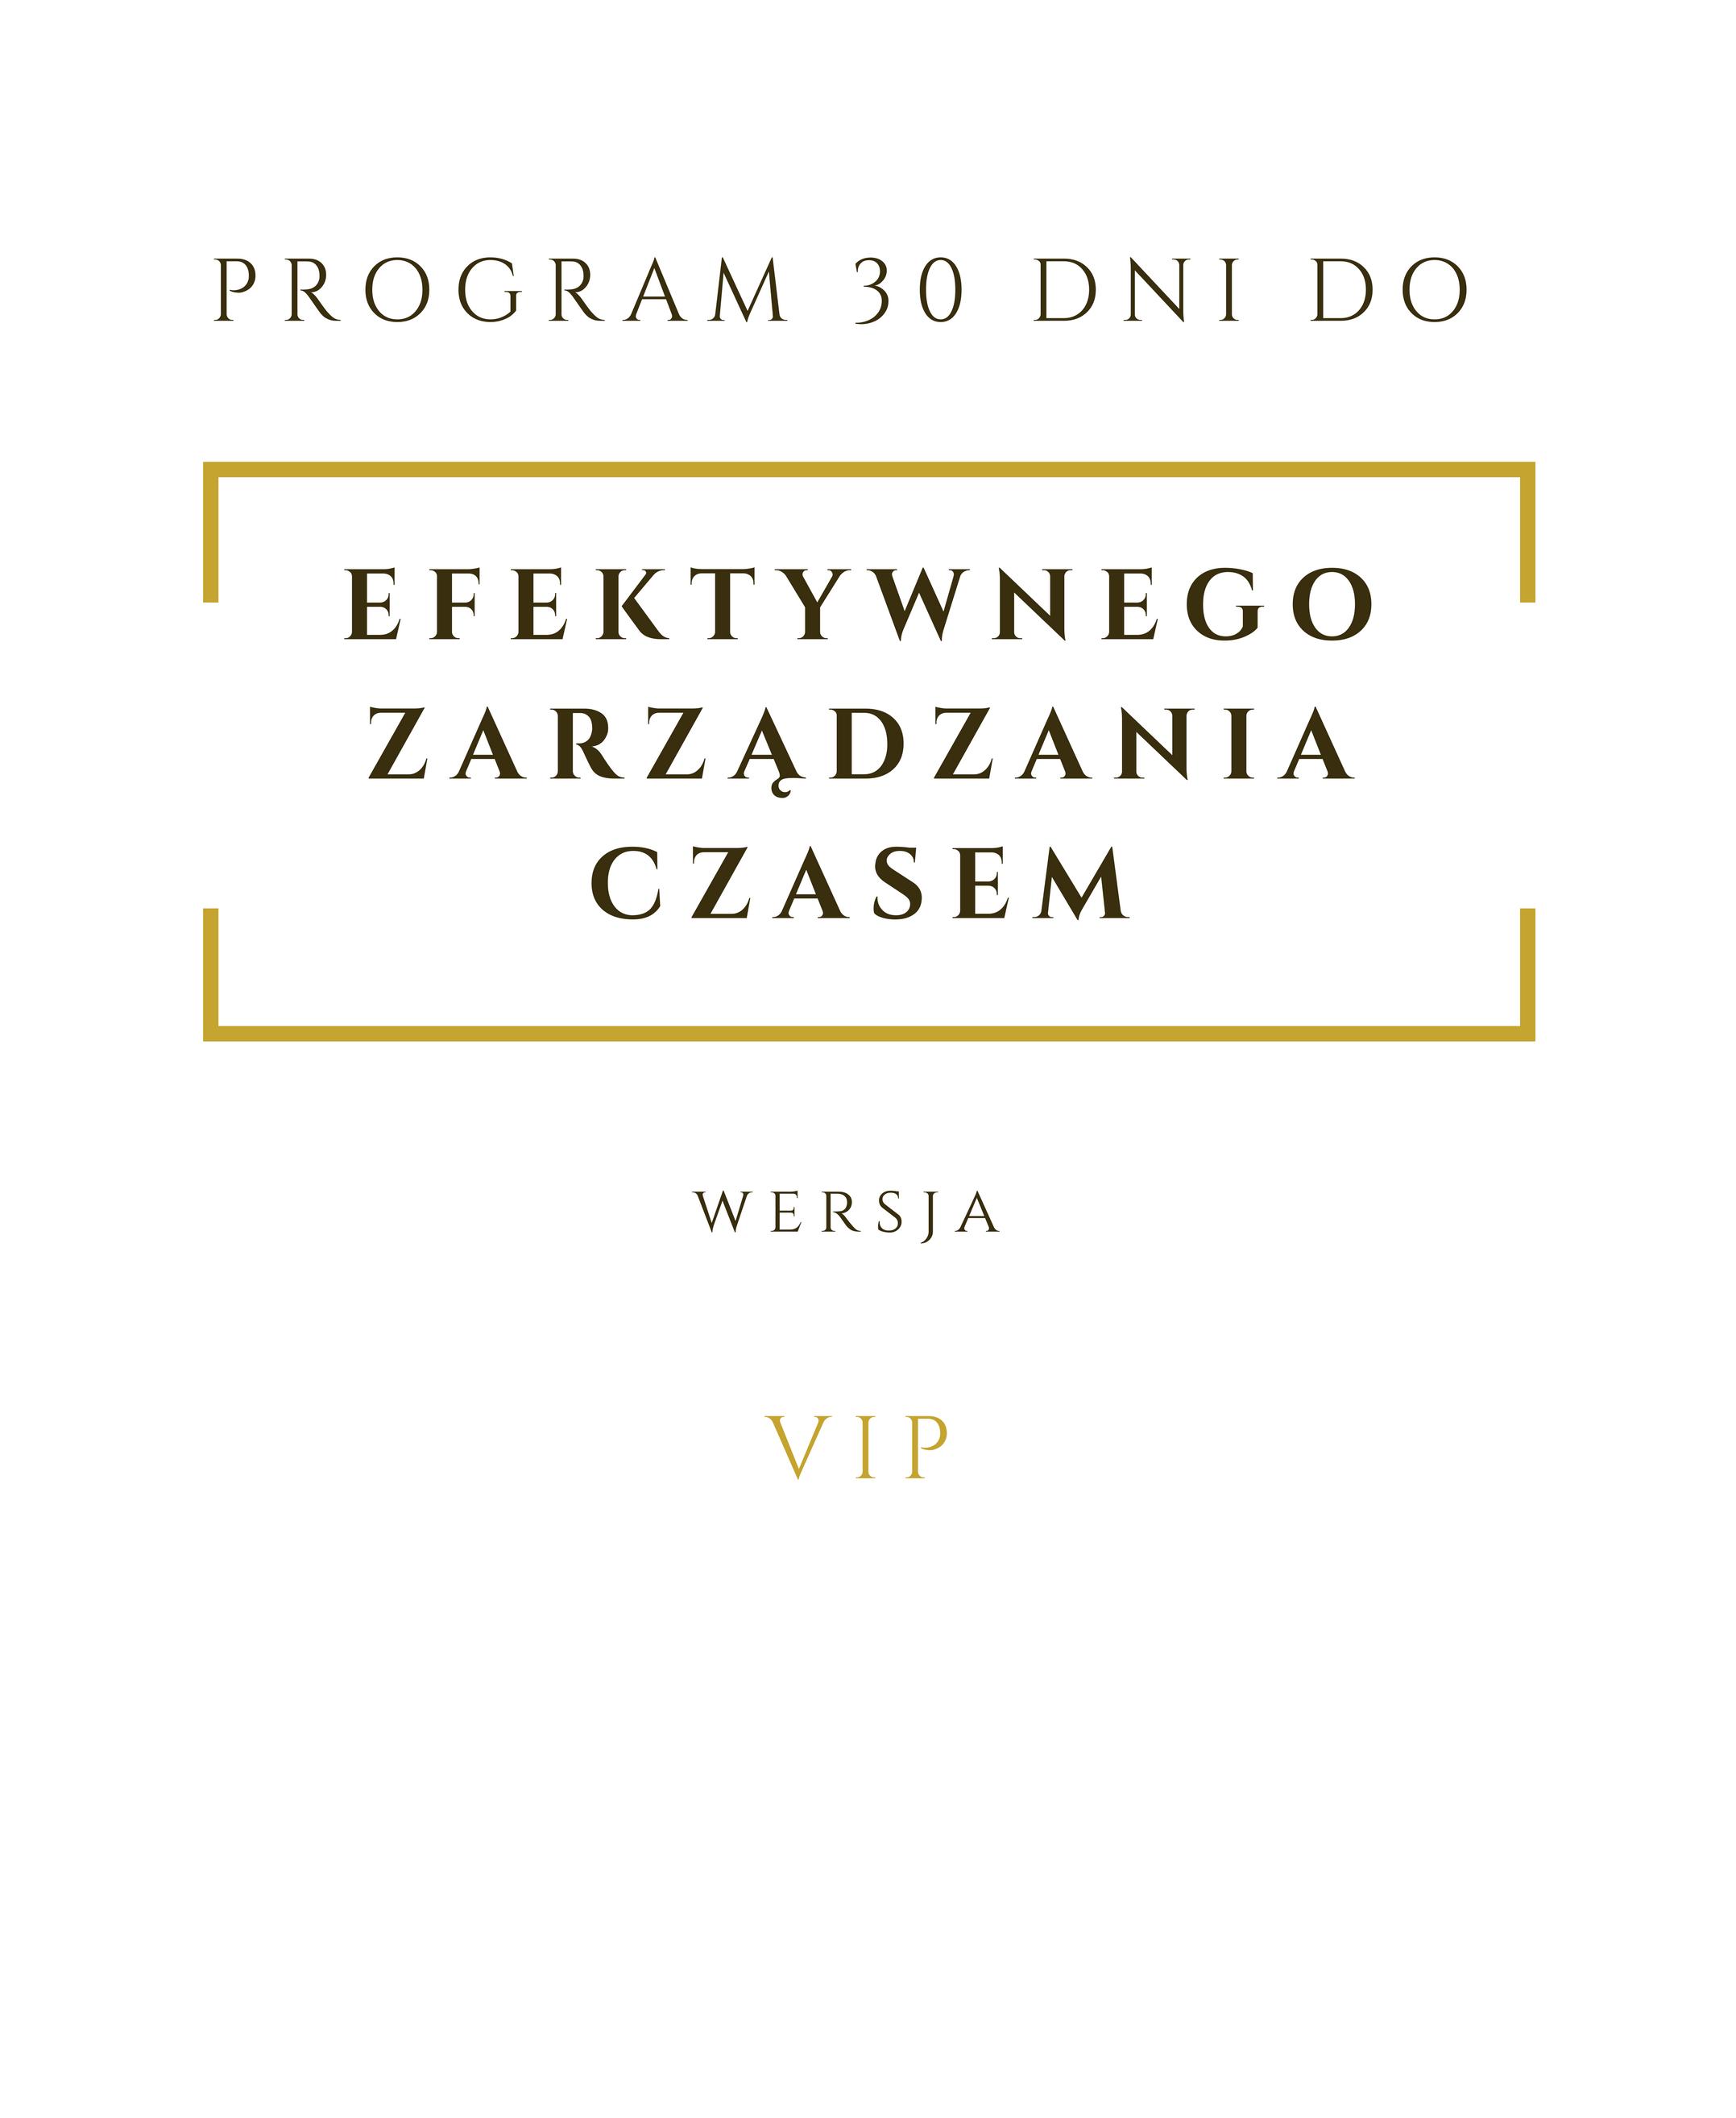 Program 30 dni do efektywnego zarządzania czasem wersja VIP